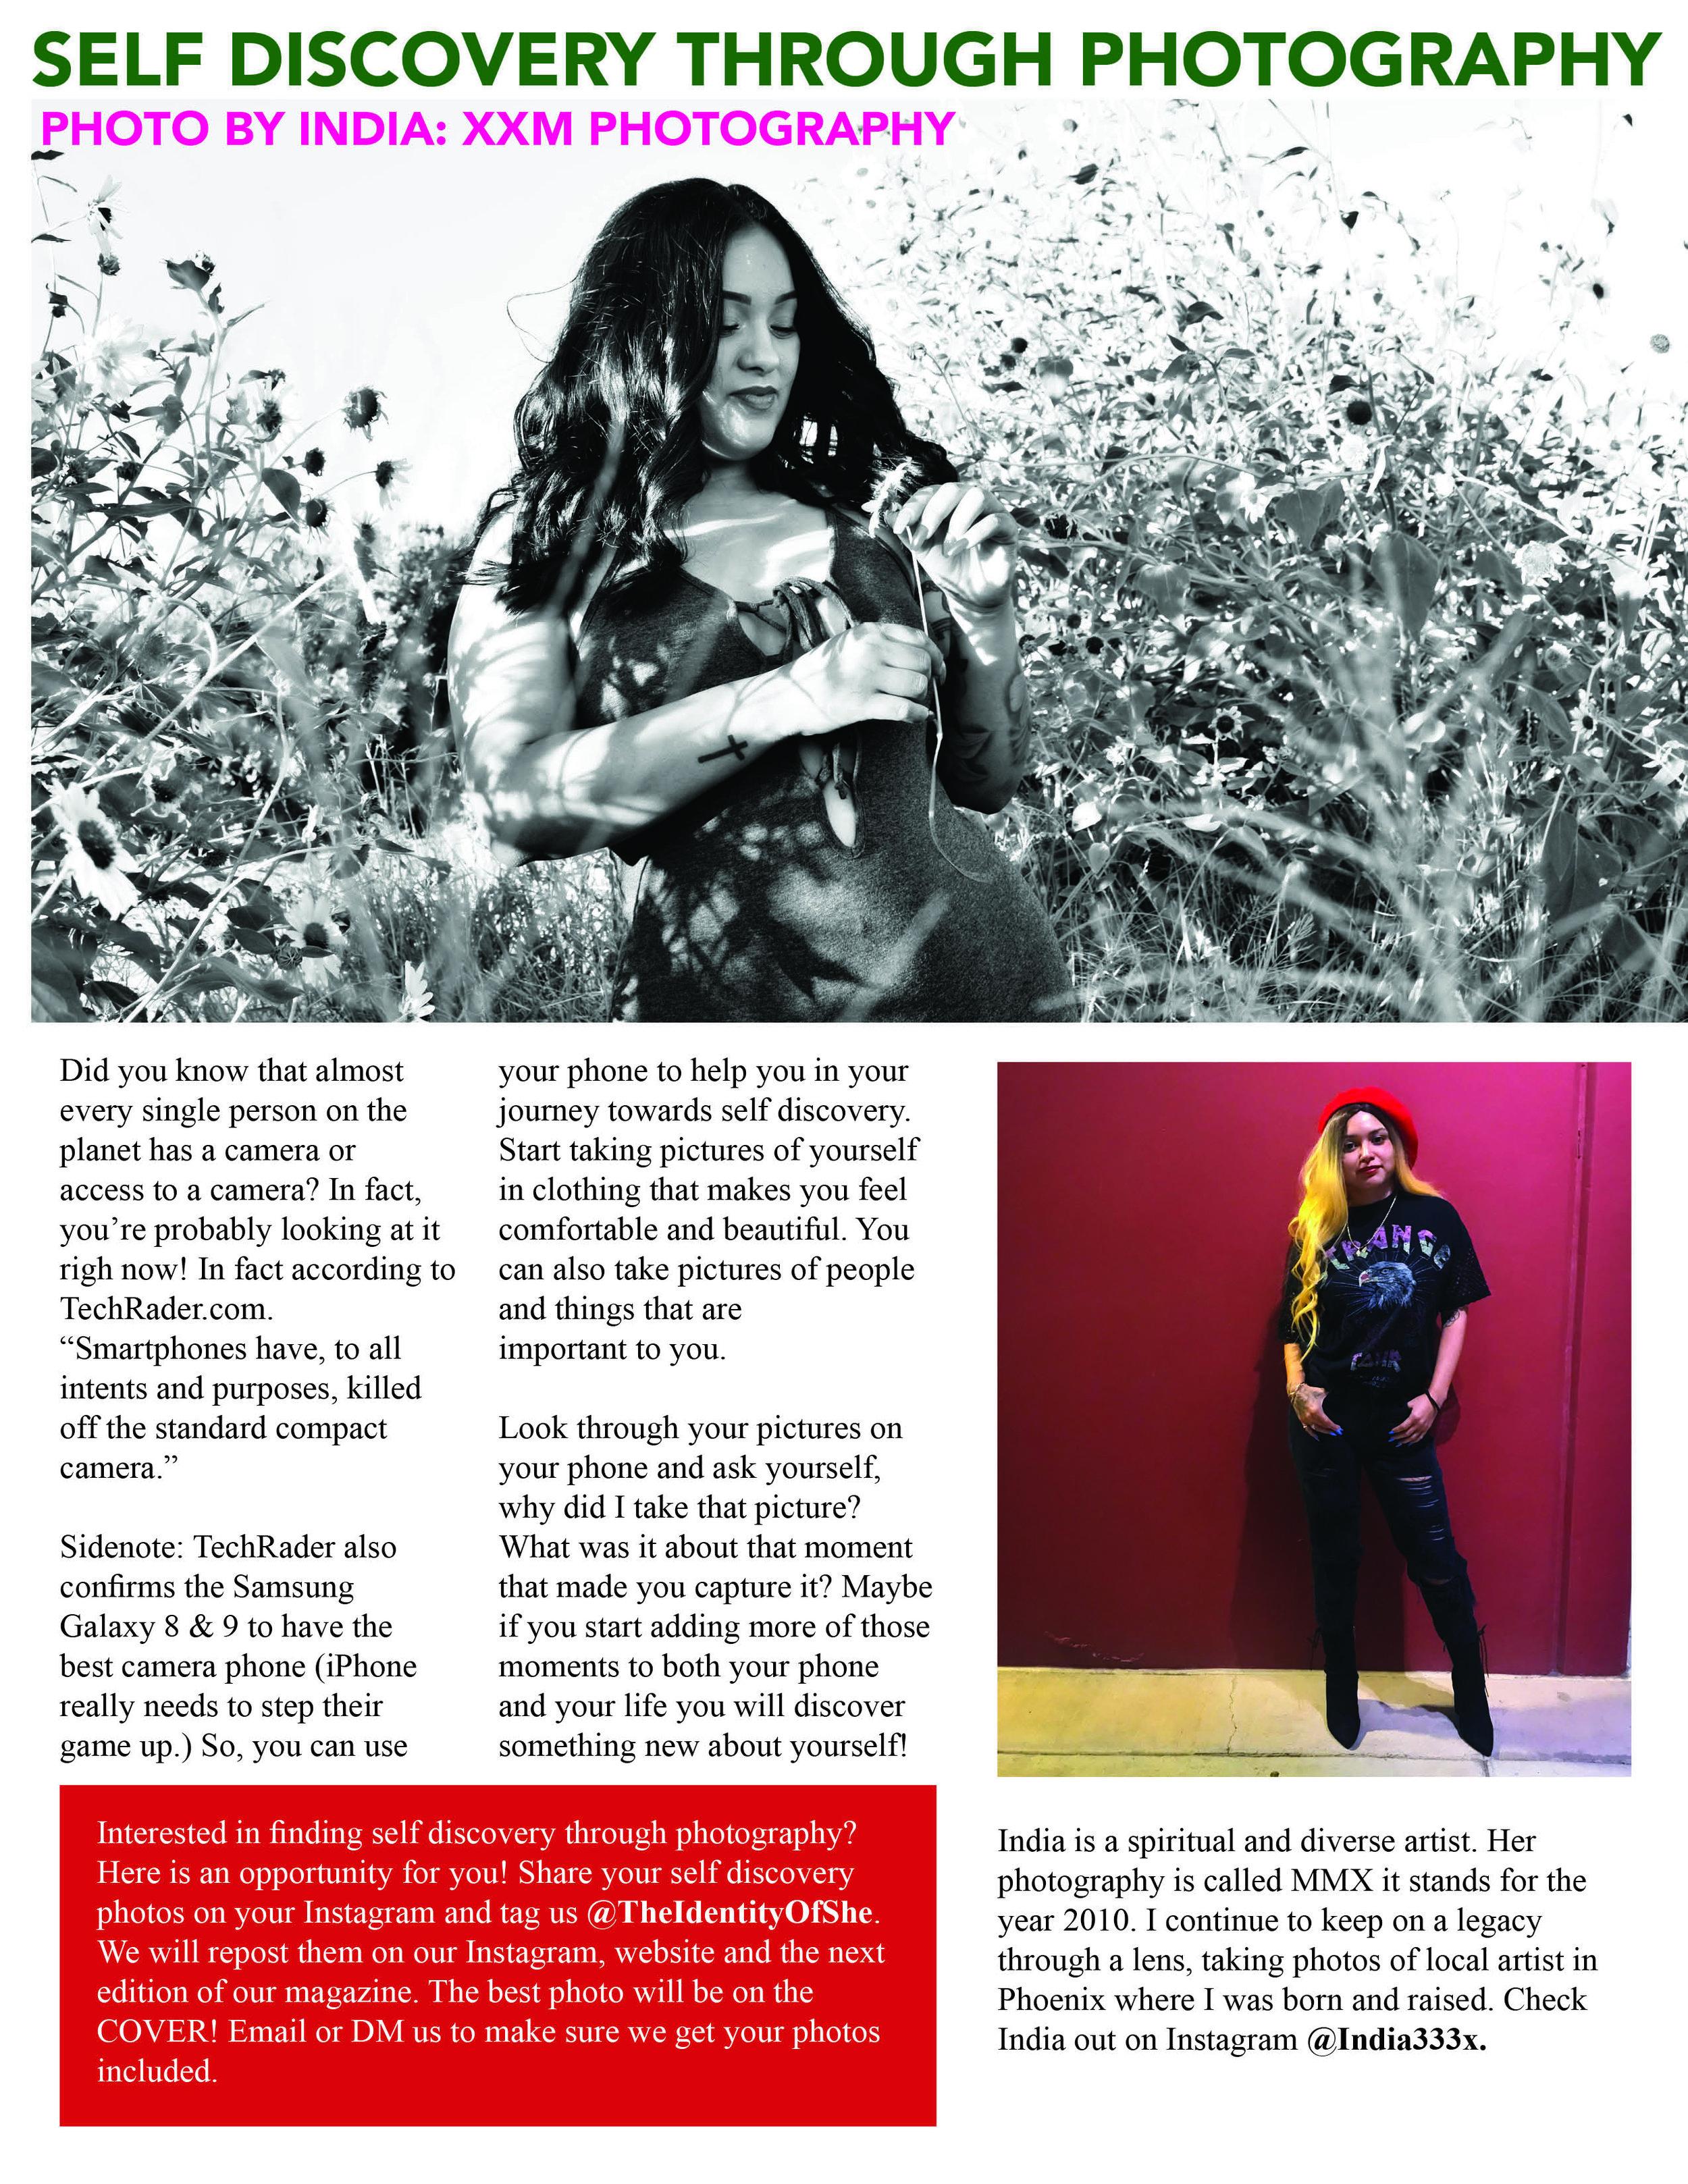 dearbodymagazine-edition413.jpg